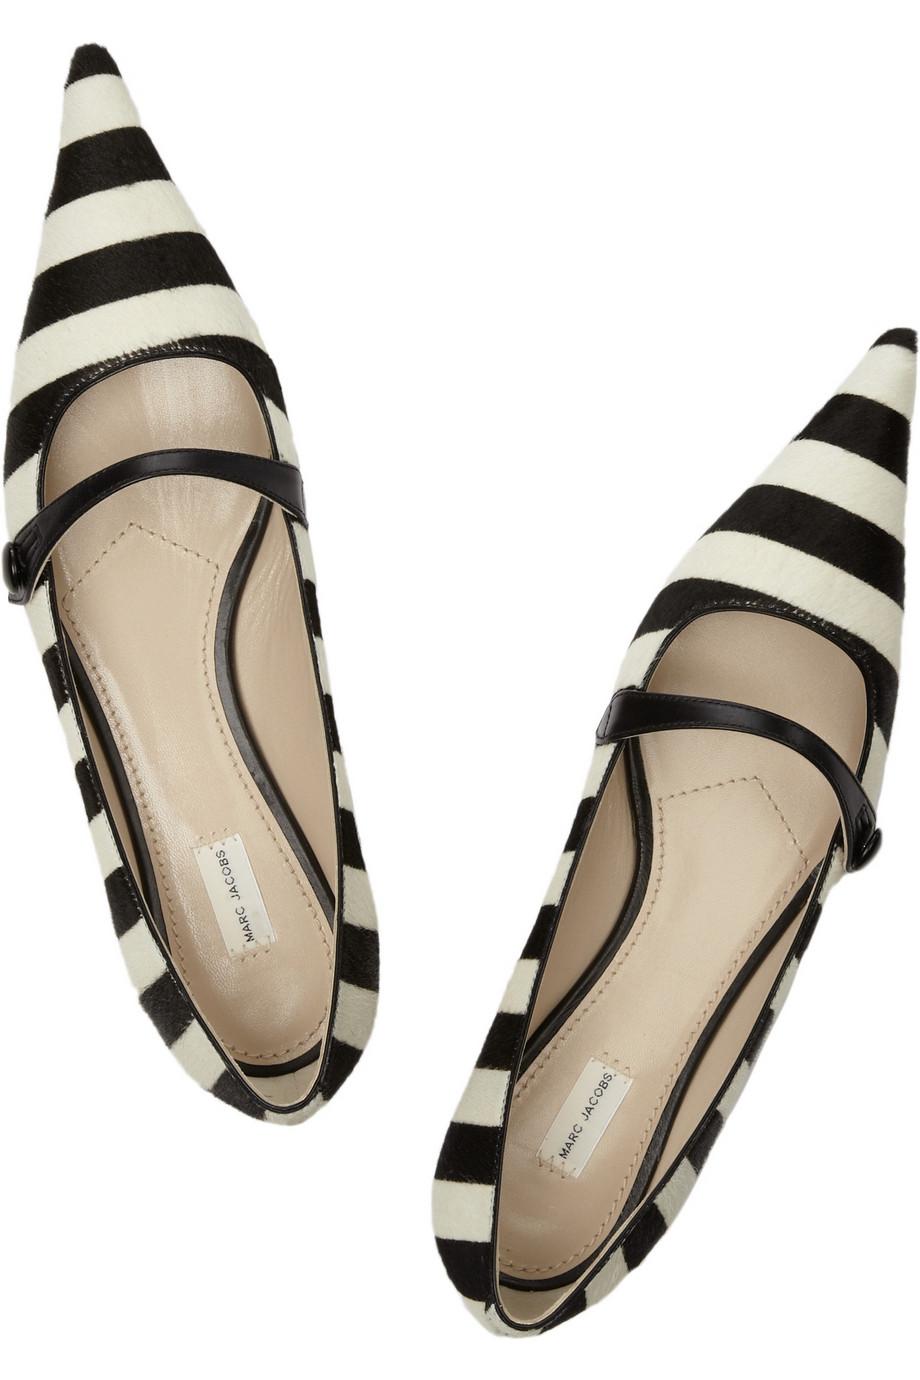 CHANEL: Black/White Stripe &